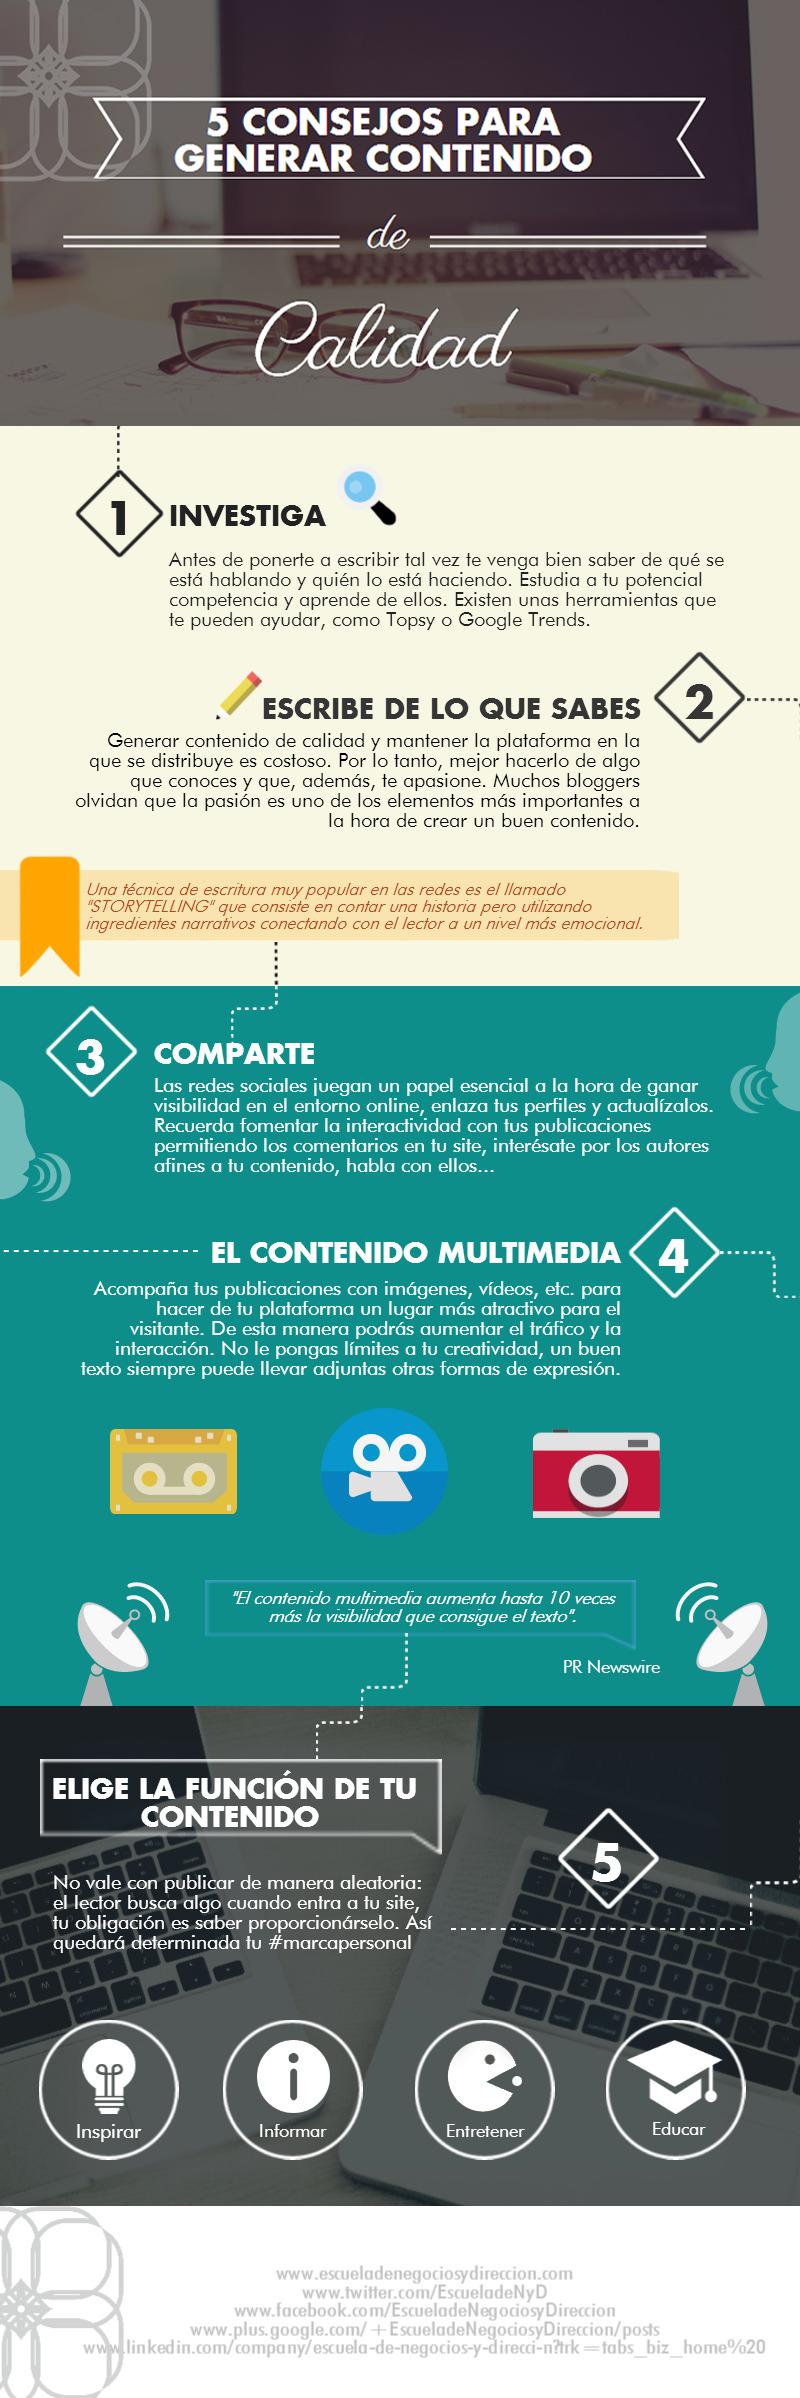 5 consejos para crear contenido de calidad